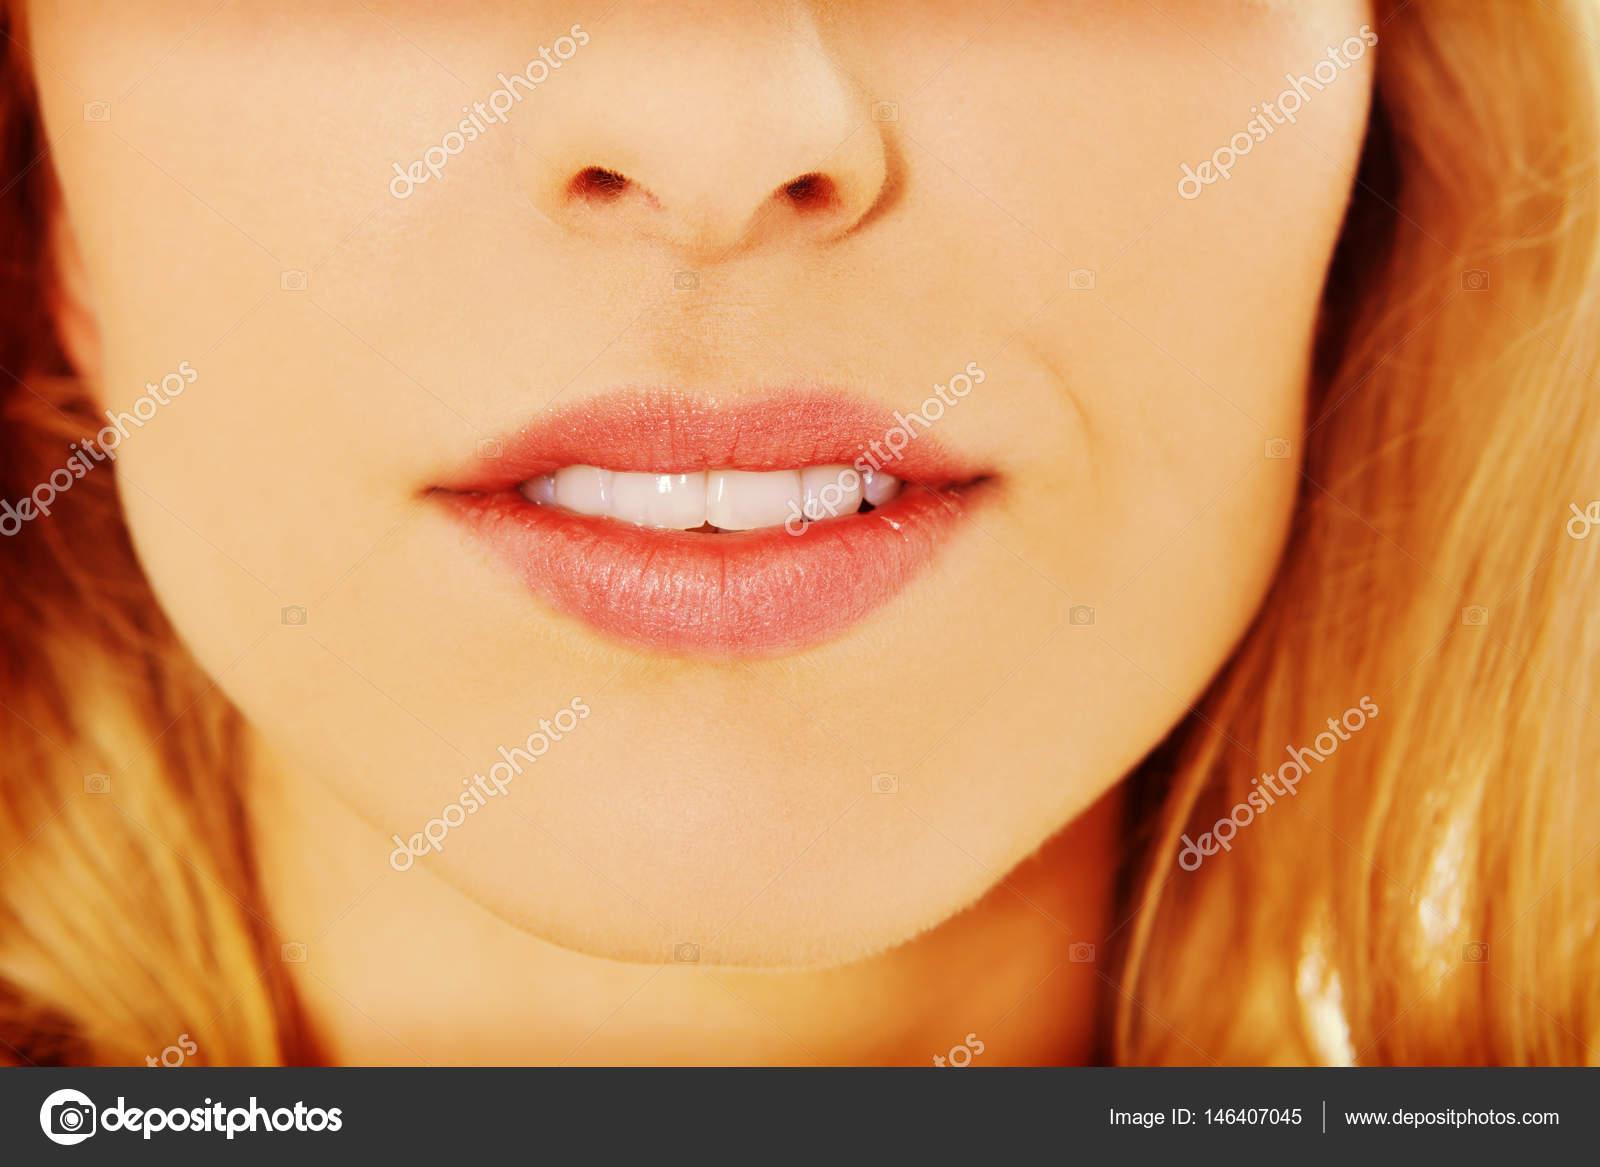 Раздвигают половые губы крупным планом фото, Женские половые губы - фото голых девушек 17 фотография